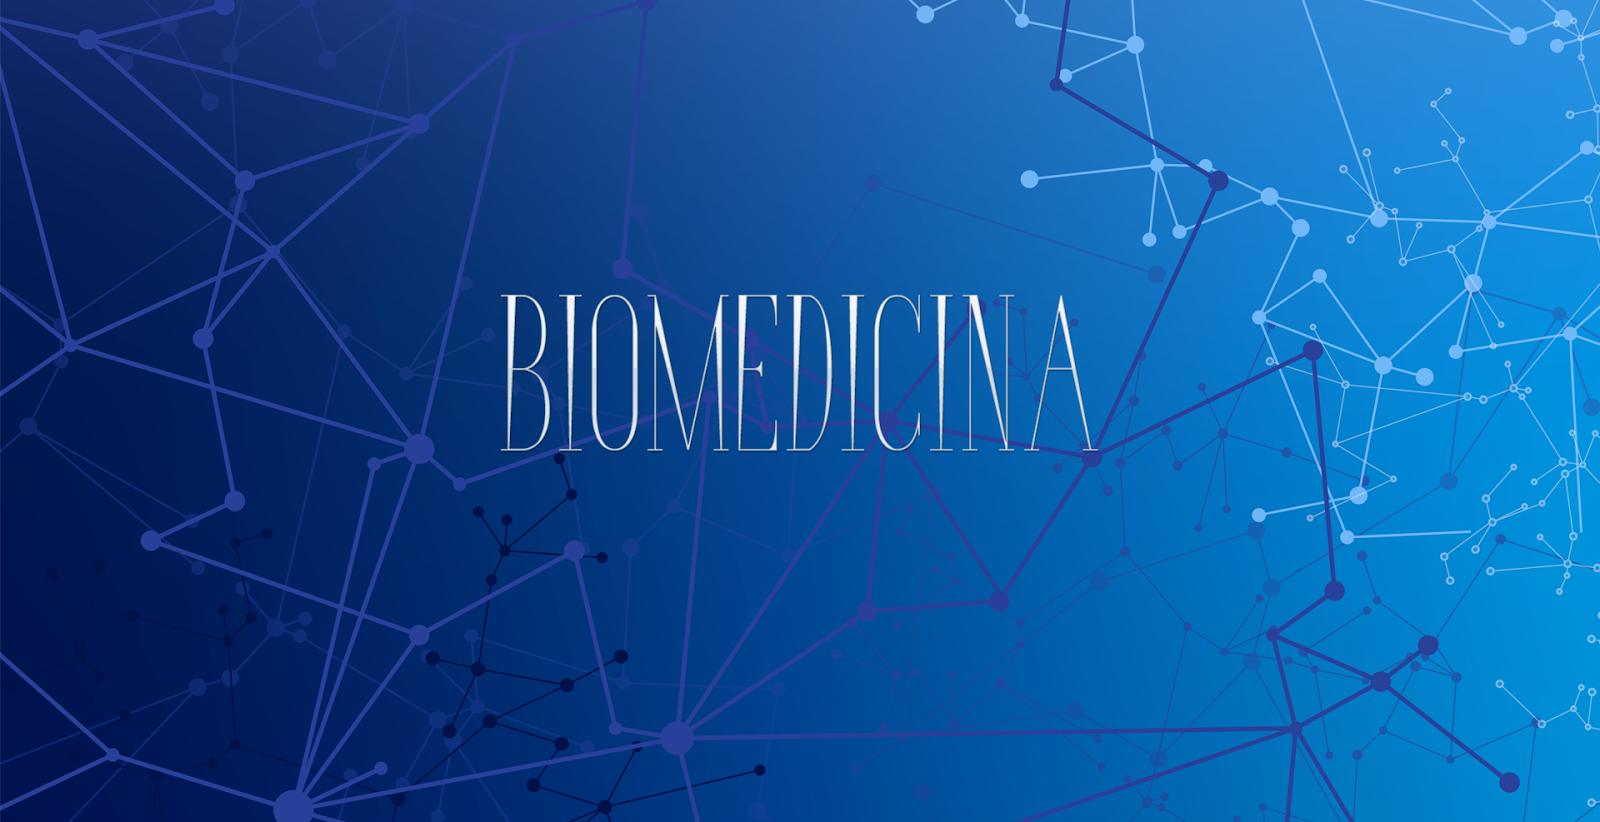 Biomedicina Rs Wallpaper Pc